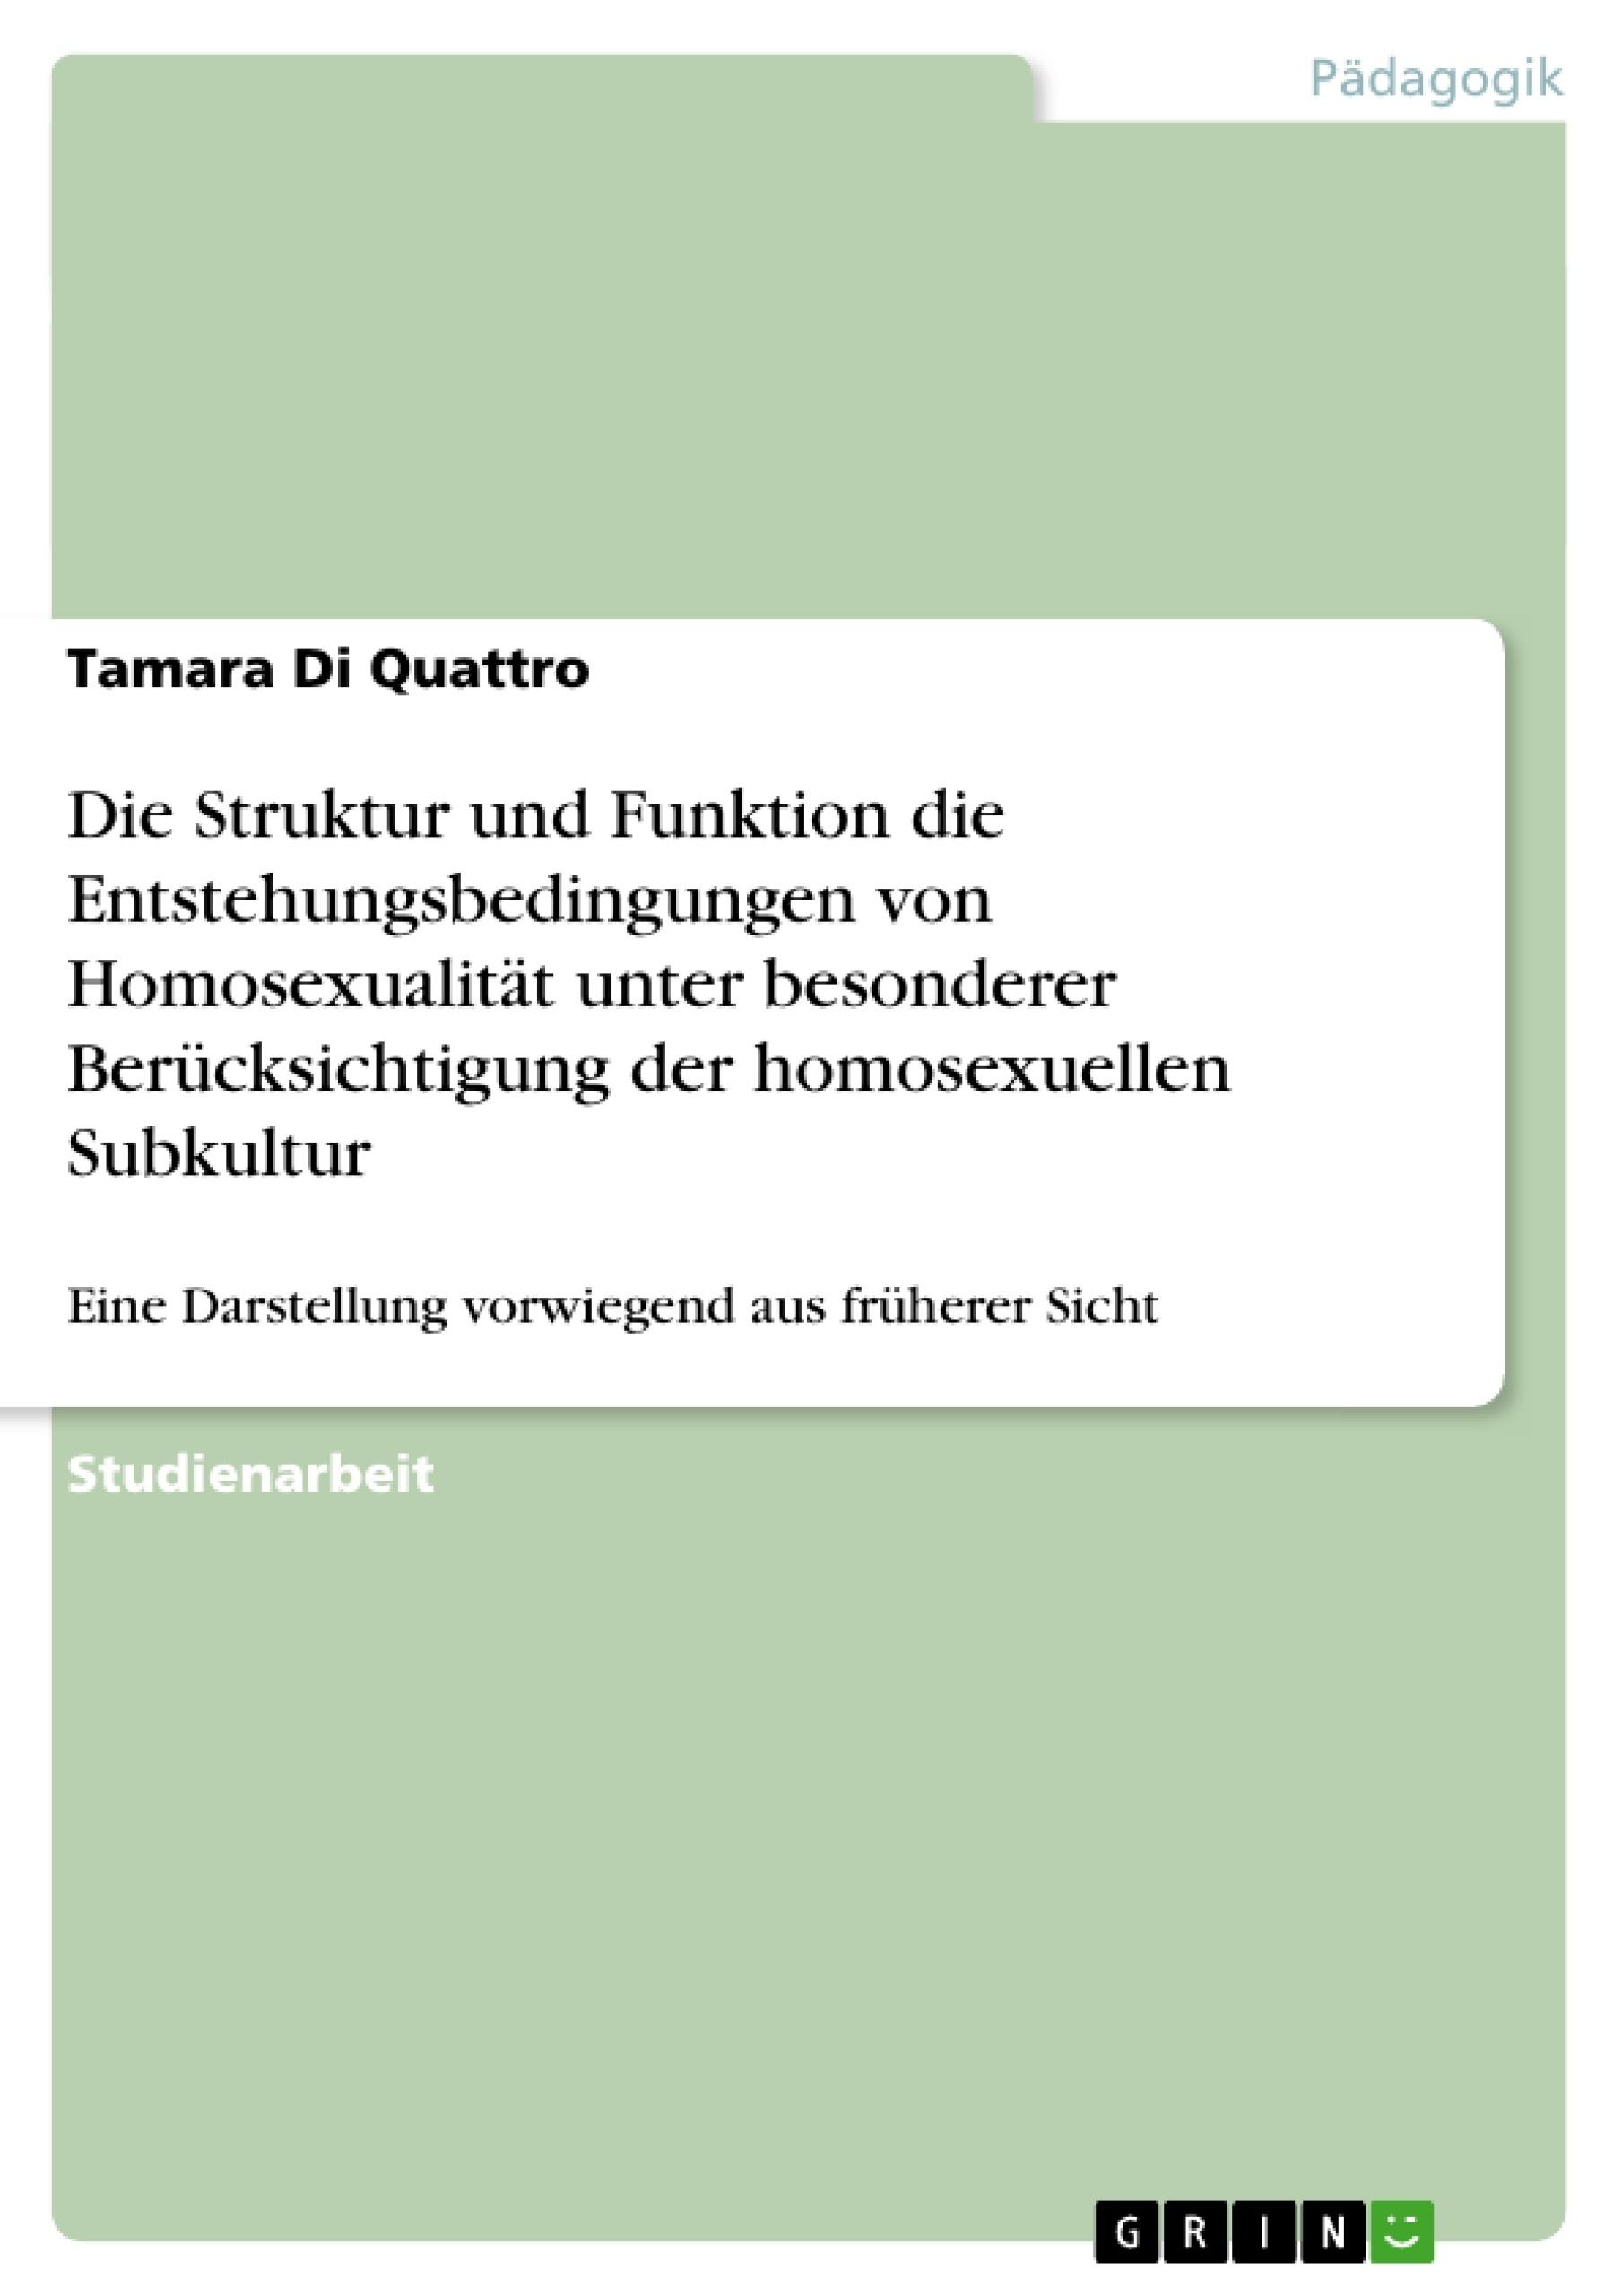 Titel: Die Struktur und Funktion die Entstehungsbedingungen von Homosexualität unter besonderer Berücksichtigung der homosexuellen Subkultur